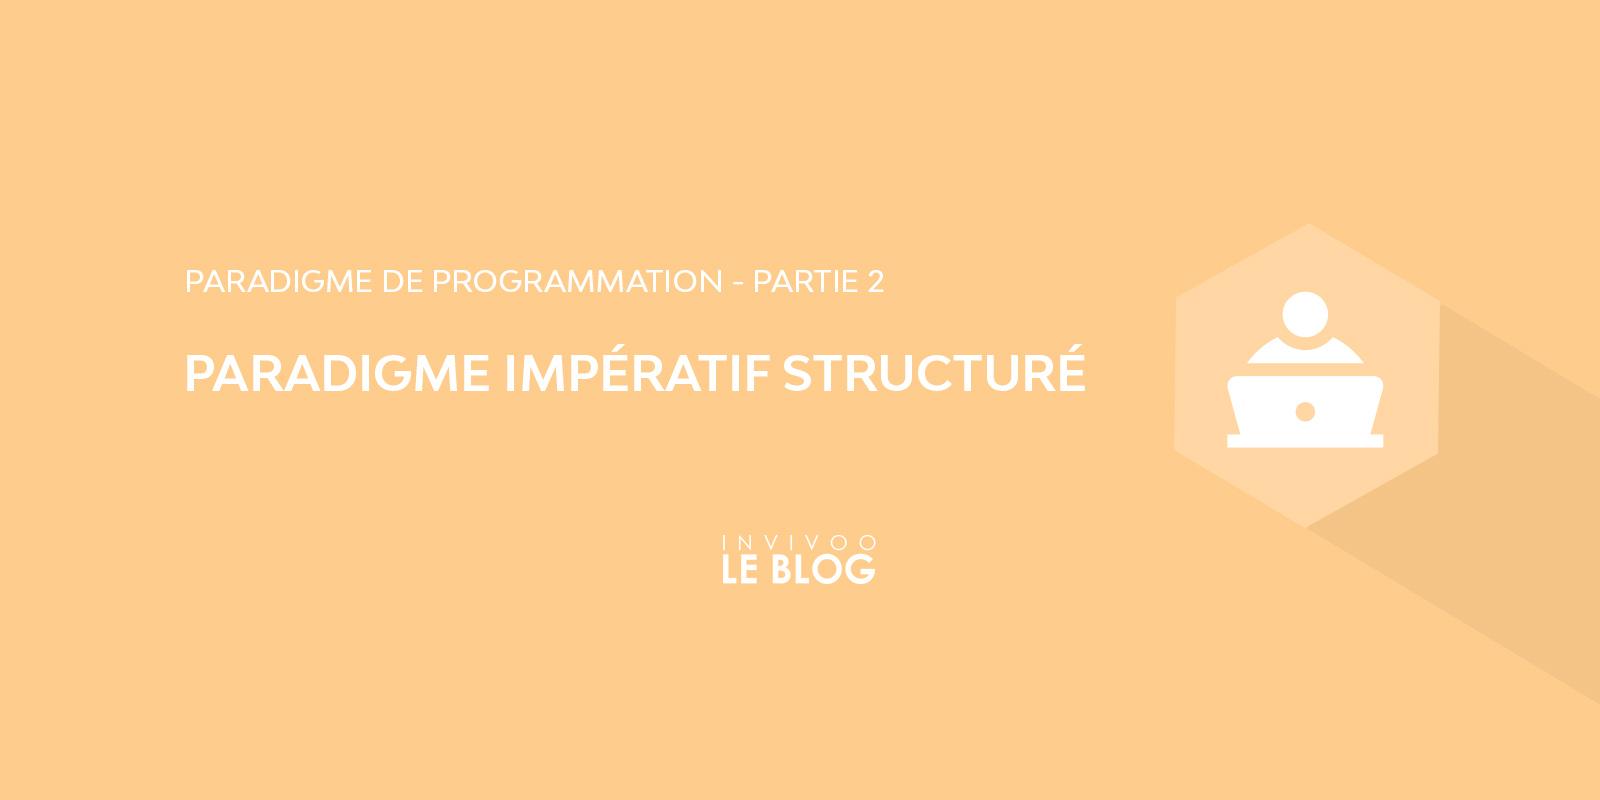 Paradigme impératif structuré